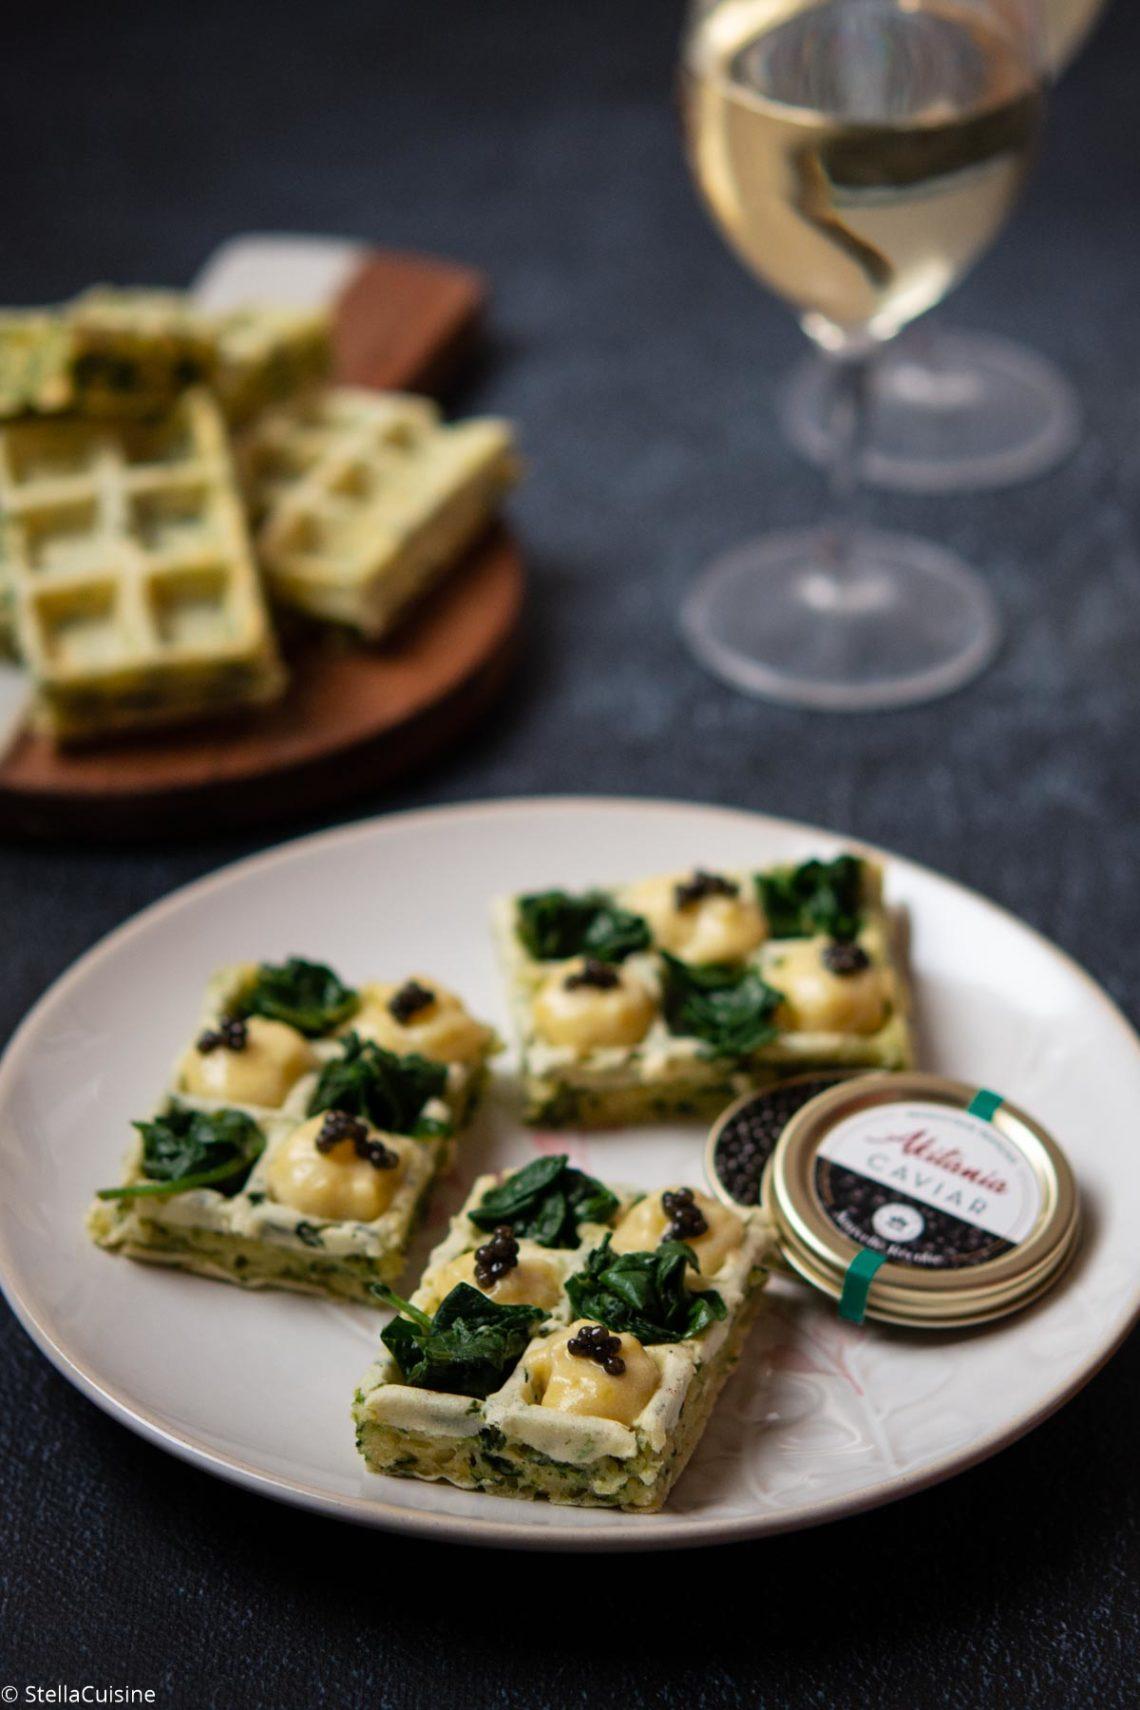 Recette de Gaufres épinards, pommes de terre, caviar Akitania. Un caviar français venant d'Aquitaine, idéal pour les fêtes de fin d'année !